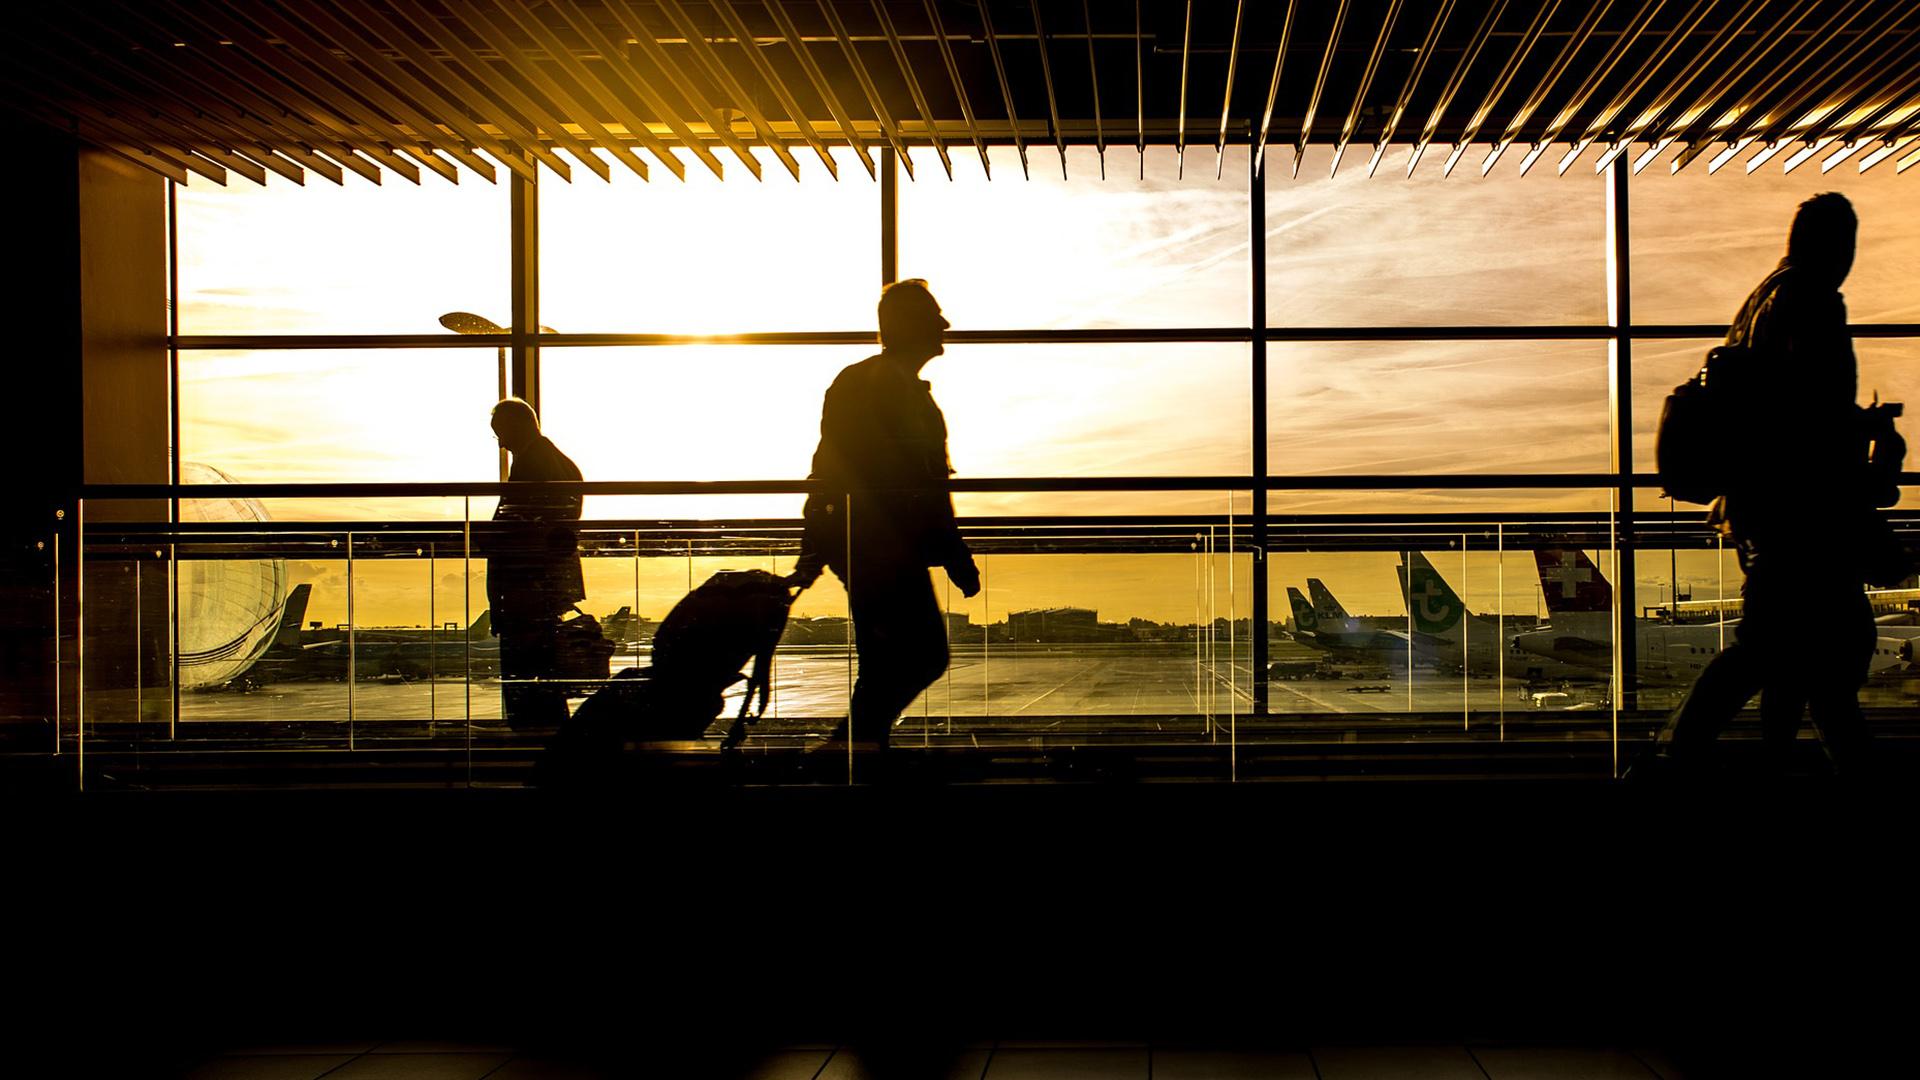 O que difere você dos outros passageiros no aeroporto? Será que você faz parte de uma lista de segurança e não sabe?